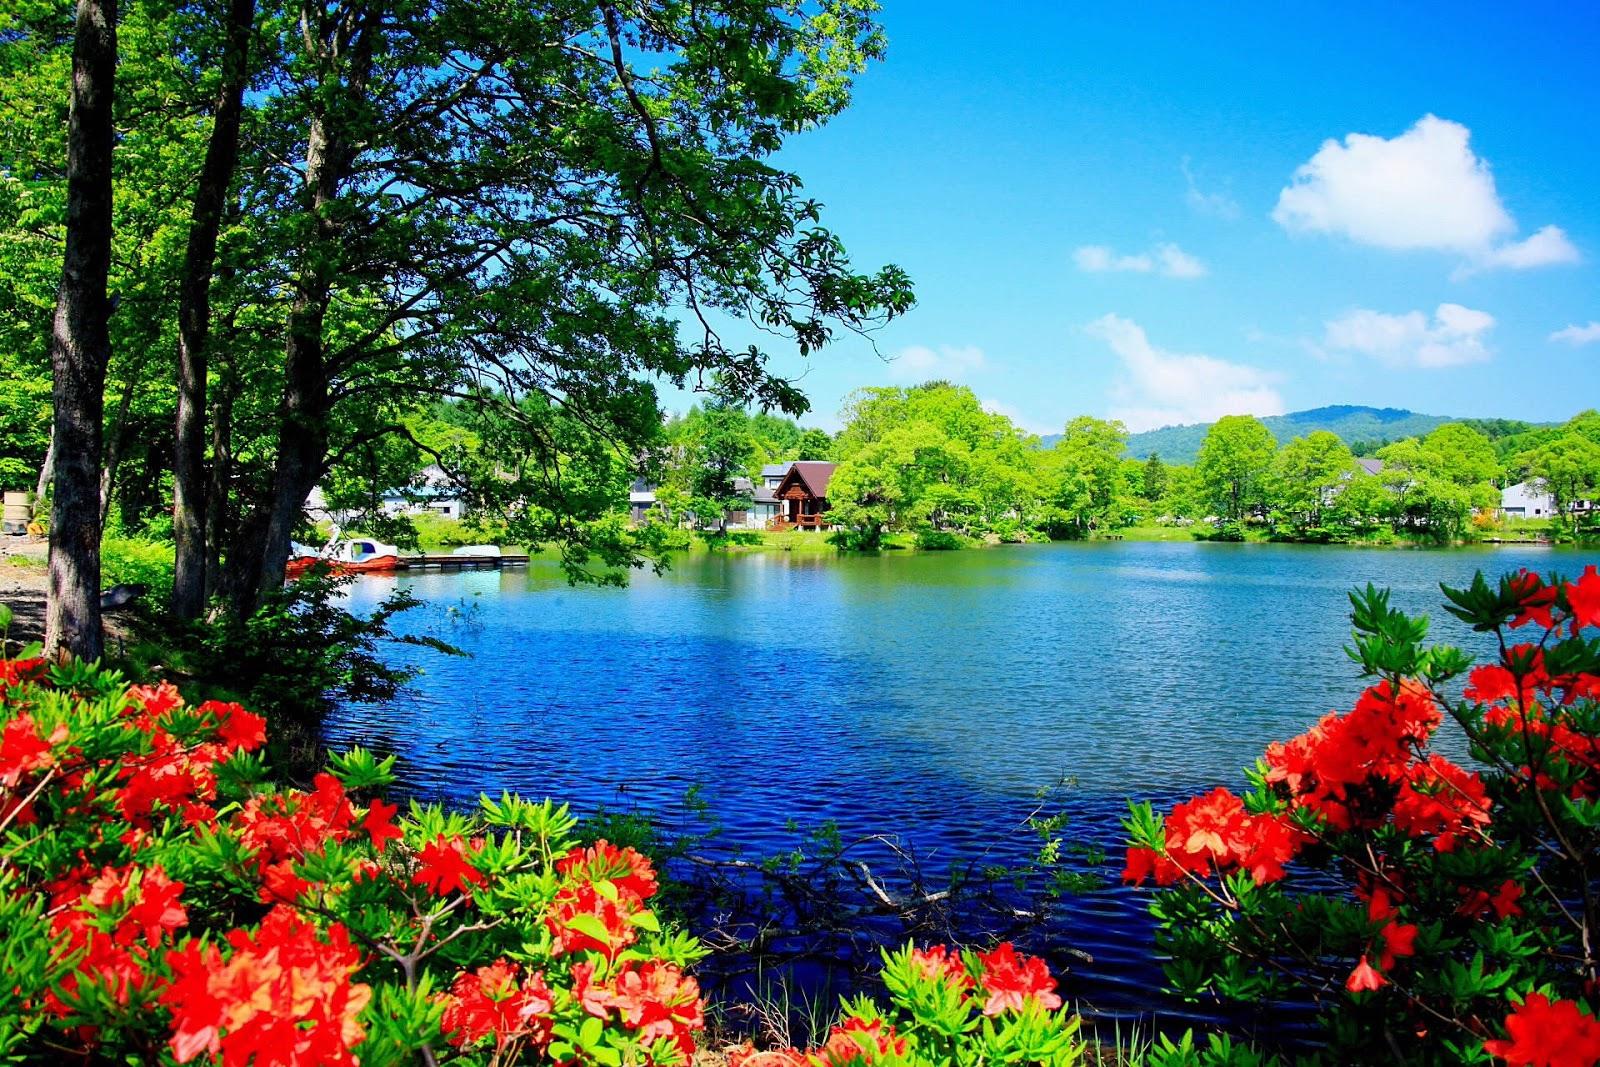 16001067 beautiful places pinterest paisaje tropical paisajes y flores silvestres